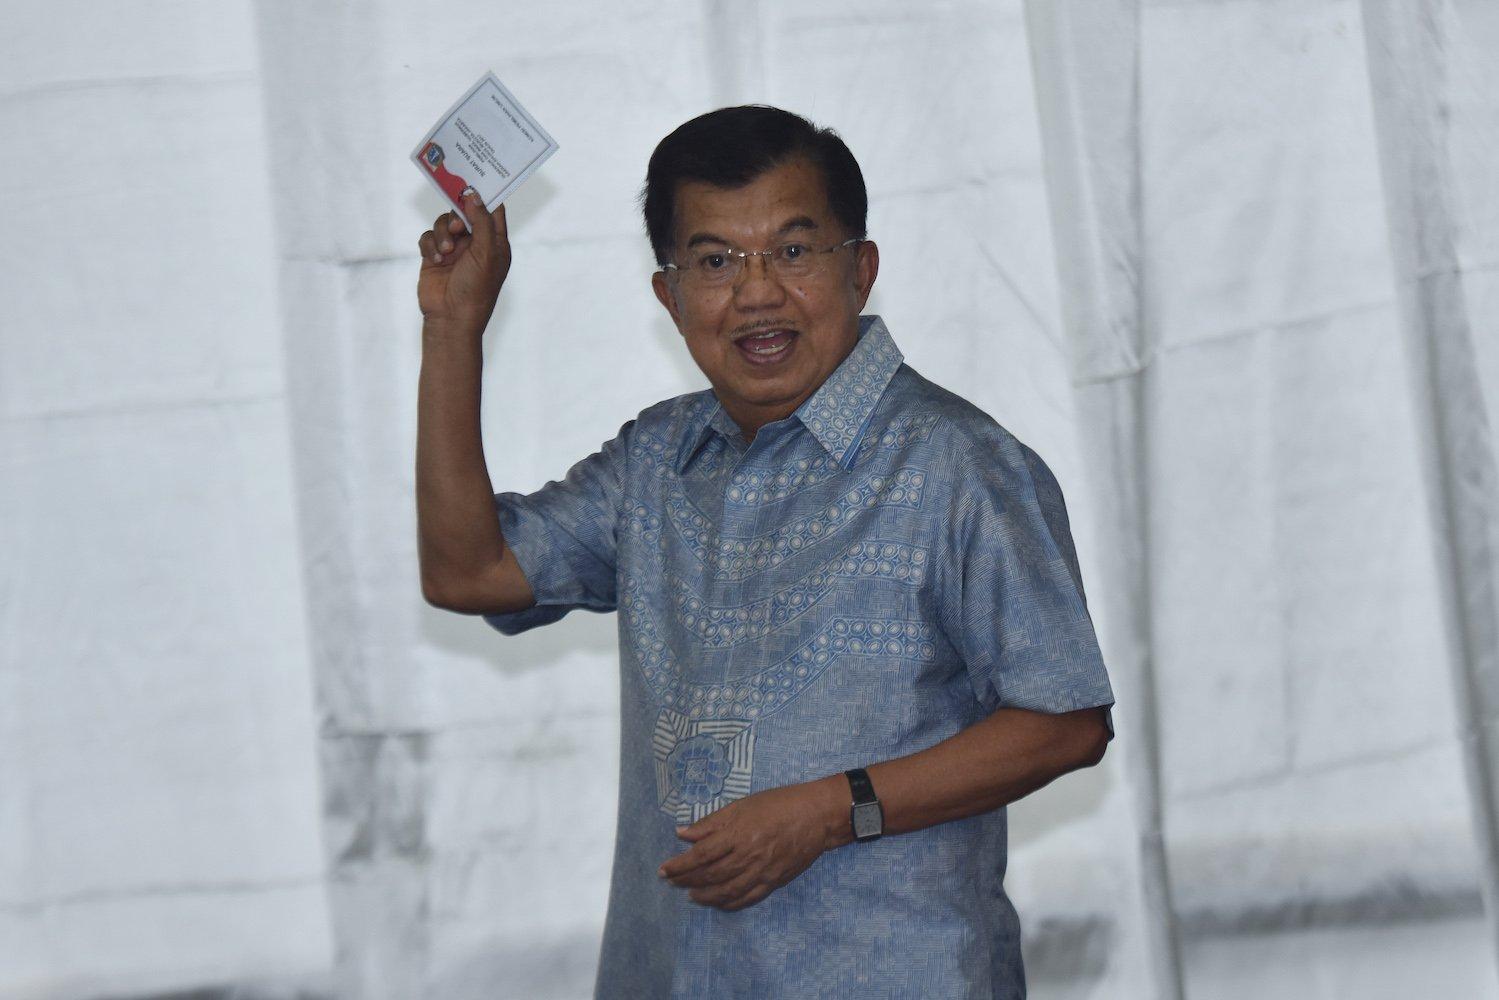 Wakil Presiden Jusuf Kalla menunjukkan surat suara ketika memberikan hak suara pada aPilkada DKI Jakarta di TPS 3 Pulo, Kebayoran Baru, Jakarta, Rabu (15/2). Pilkada serentak dilaksanakan di 101 daerah termasuk DKI Jakarta.